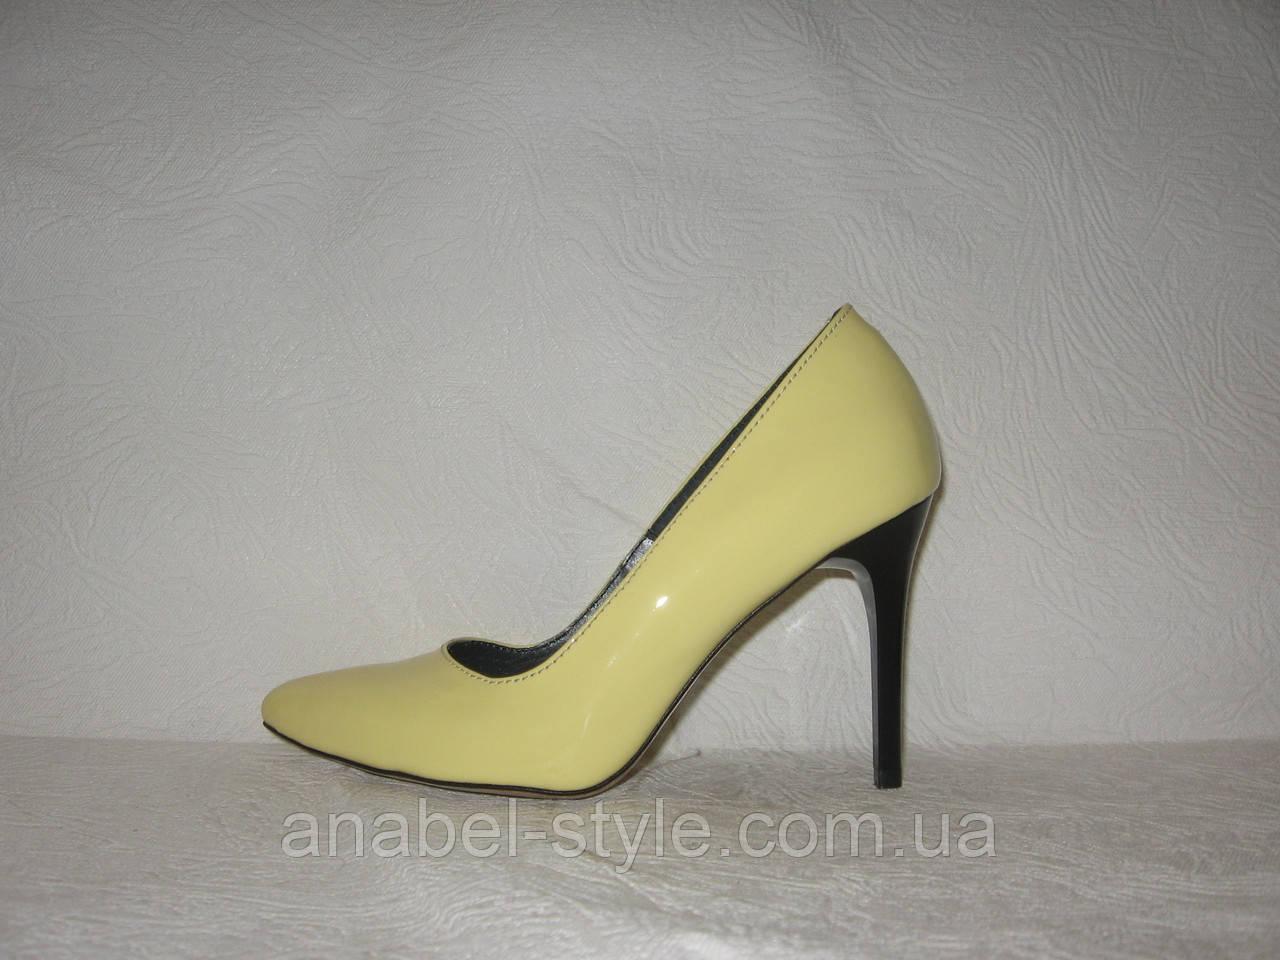 Туфли-лодочки женские стильные из натуральной лаковой кожи желтого цвета